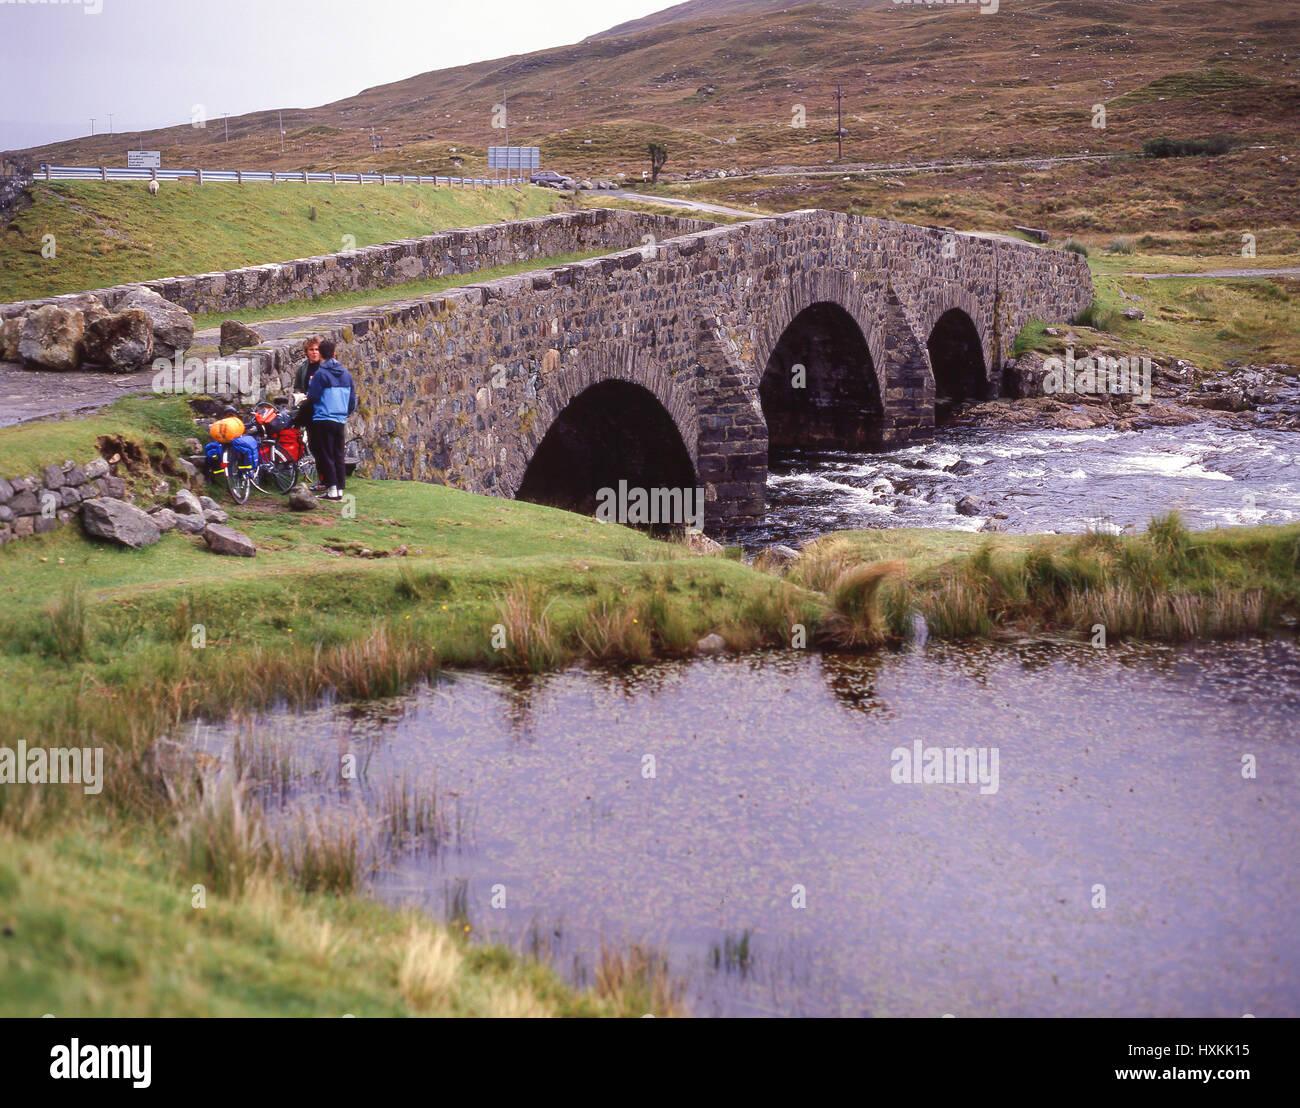 Cyclists by stone bridge, Isle of Skye, Inner Hebrides, Highland, Scotland, United Kingdom - Stock Image